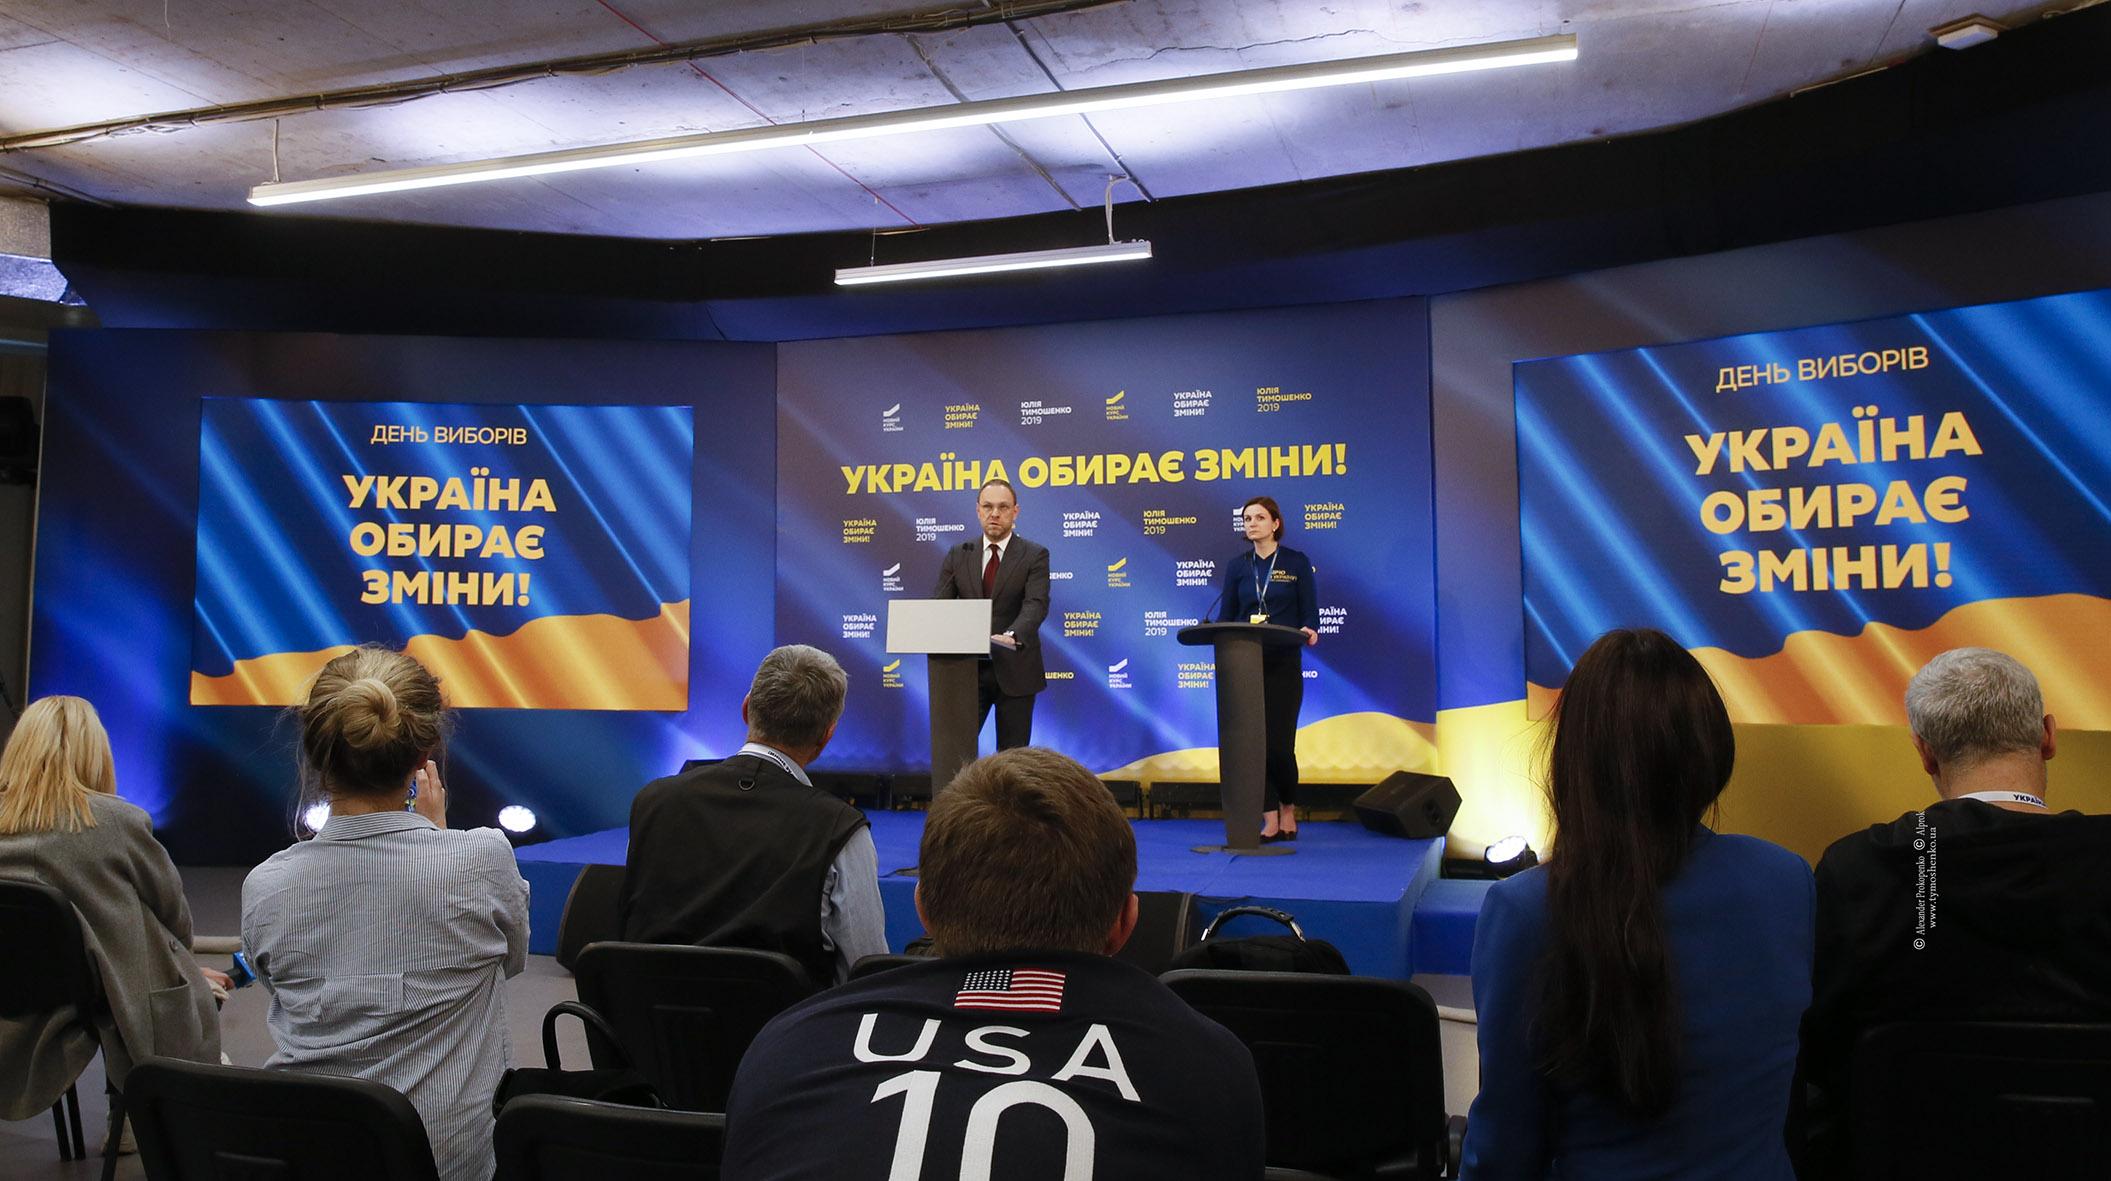 Сергій Власенко: Штаб Порошенка порушує виборче законодавство